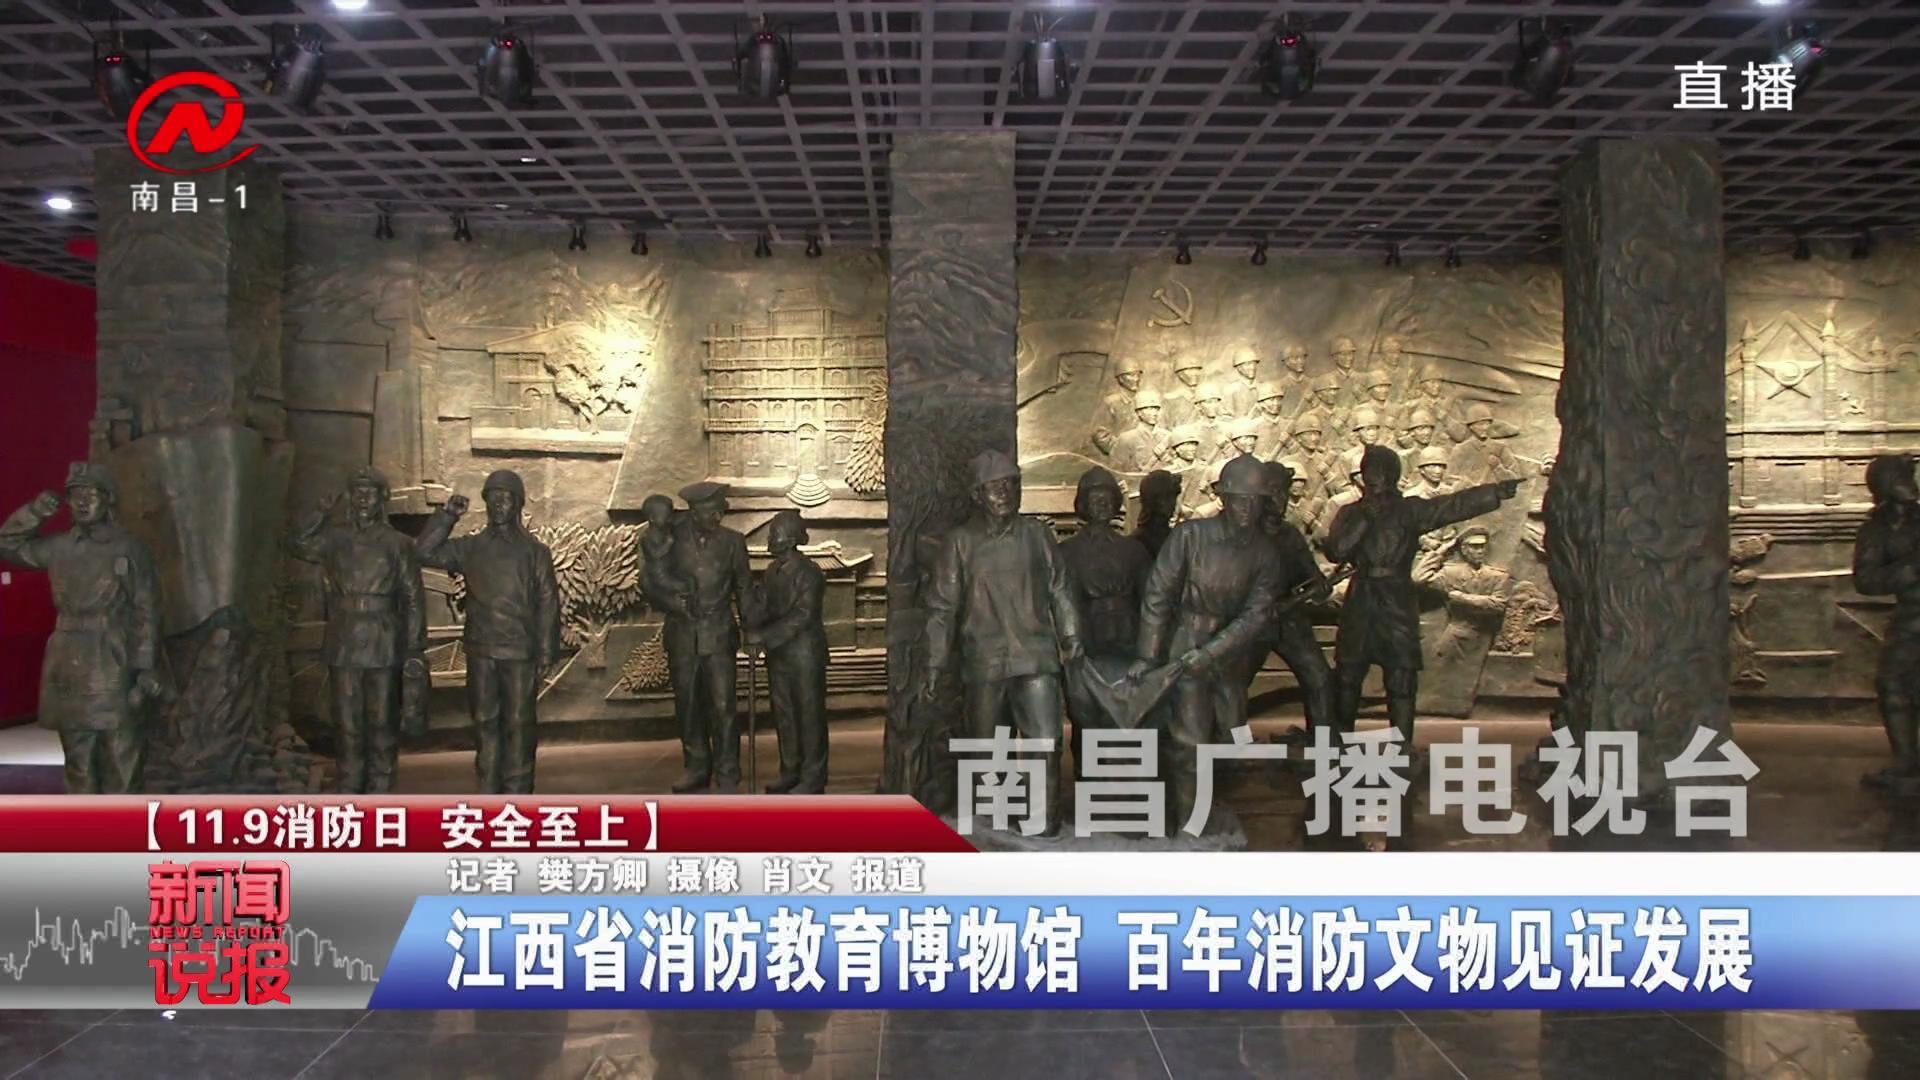 江西省消防教育博物馆  百年消防文物见证发展